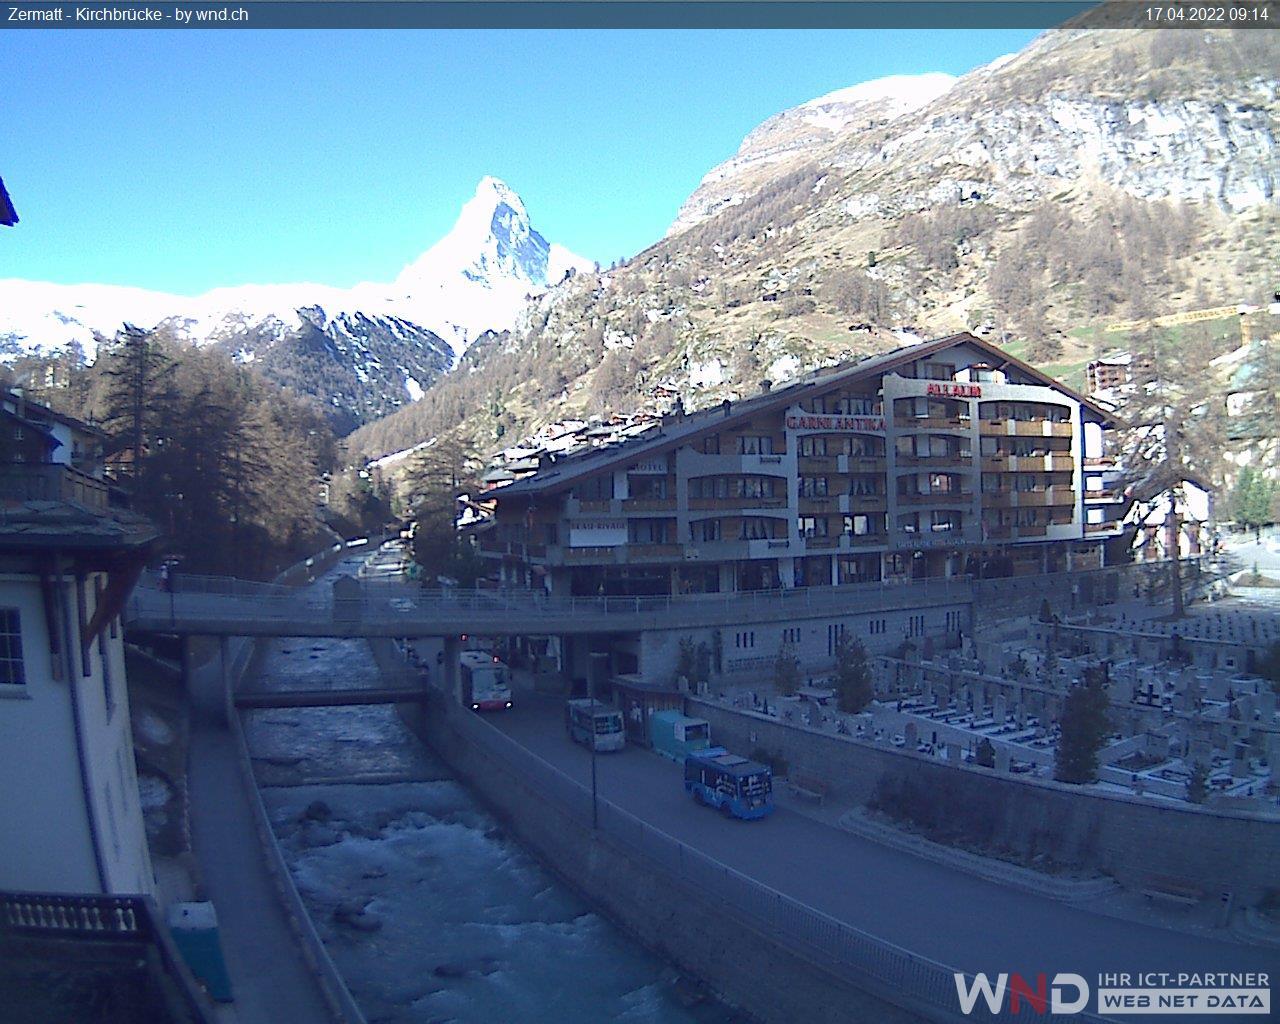 Webcam Zermatt, Kirchbrücke - Alt. 1608 m